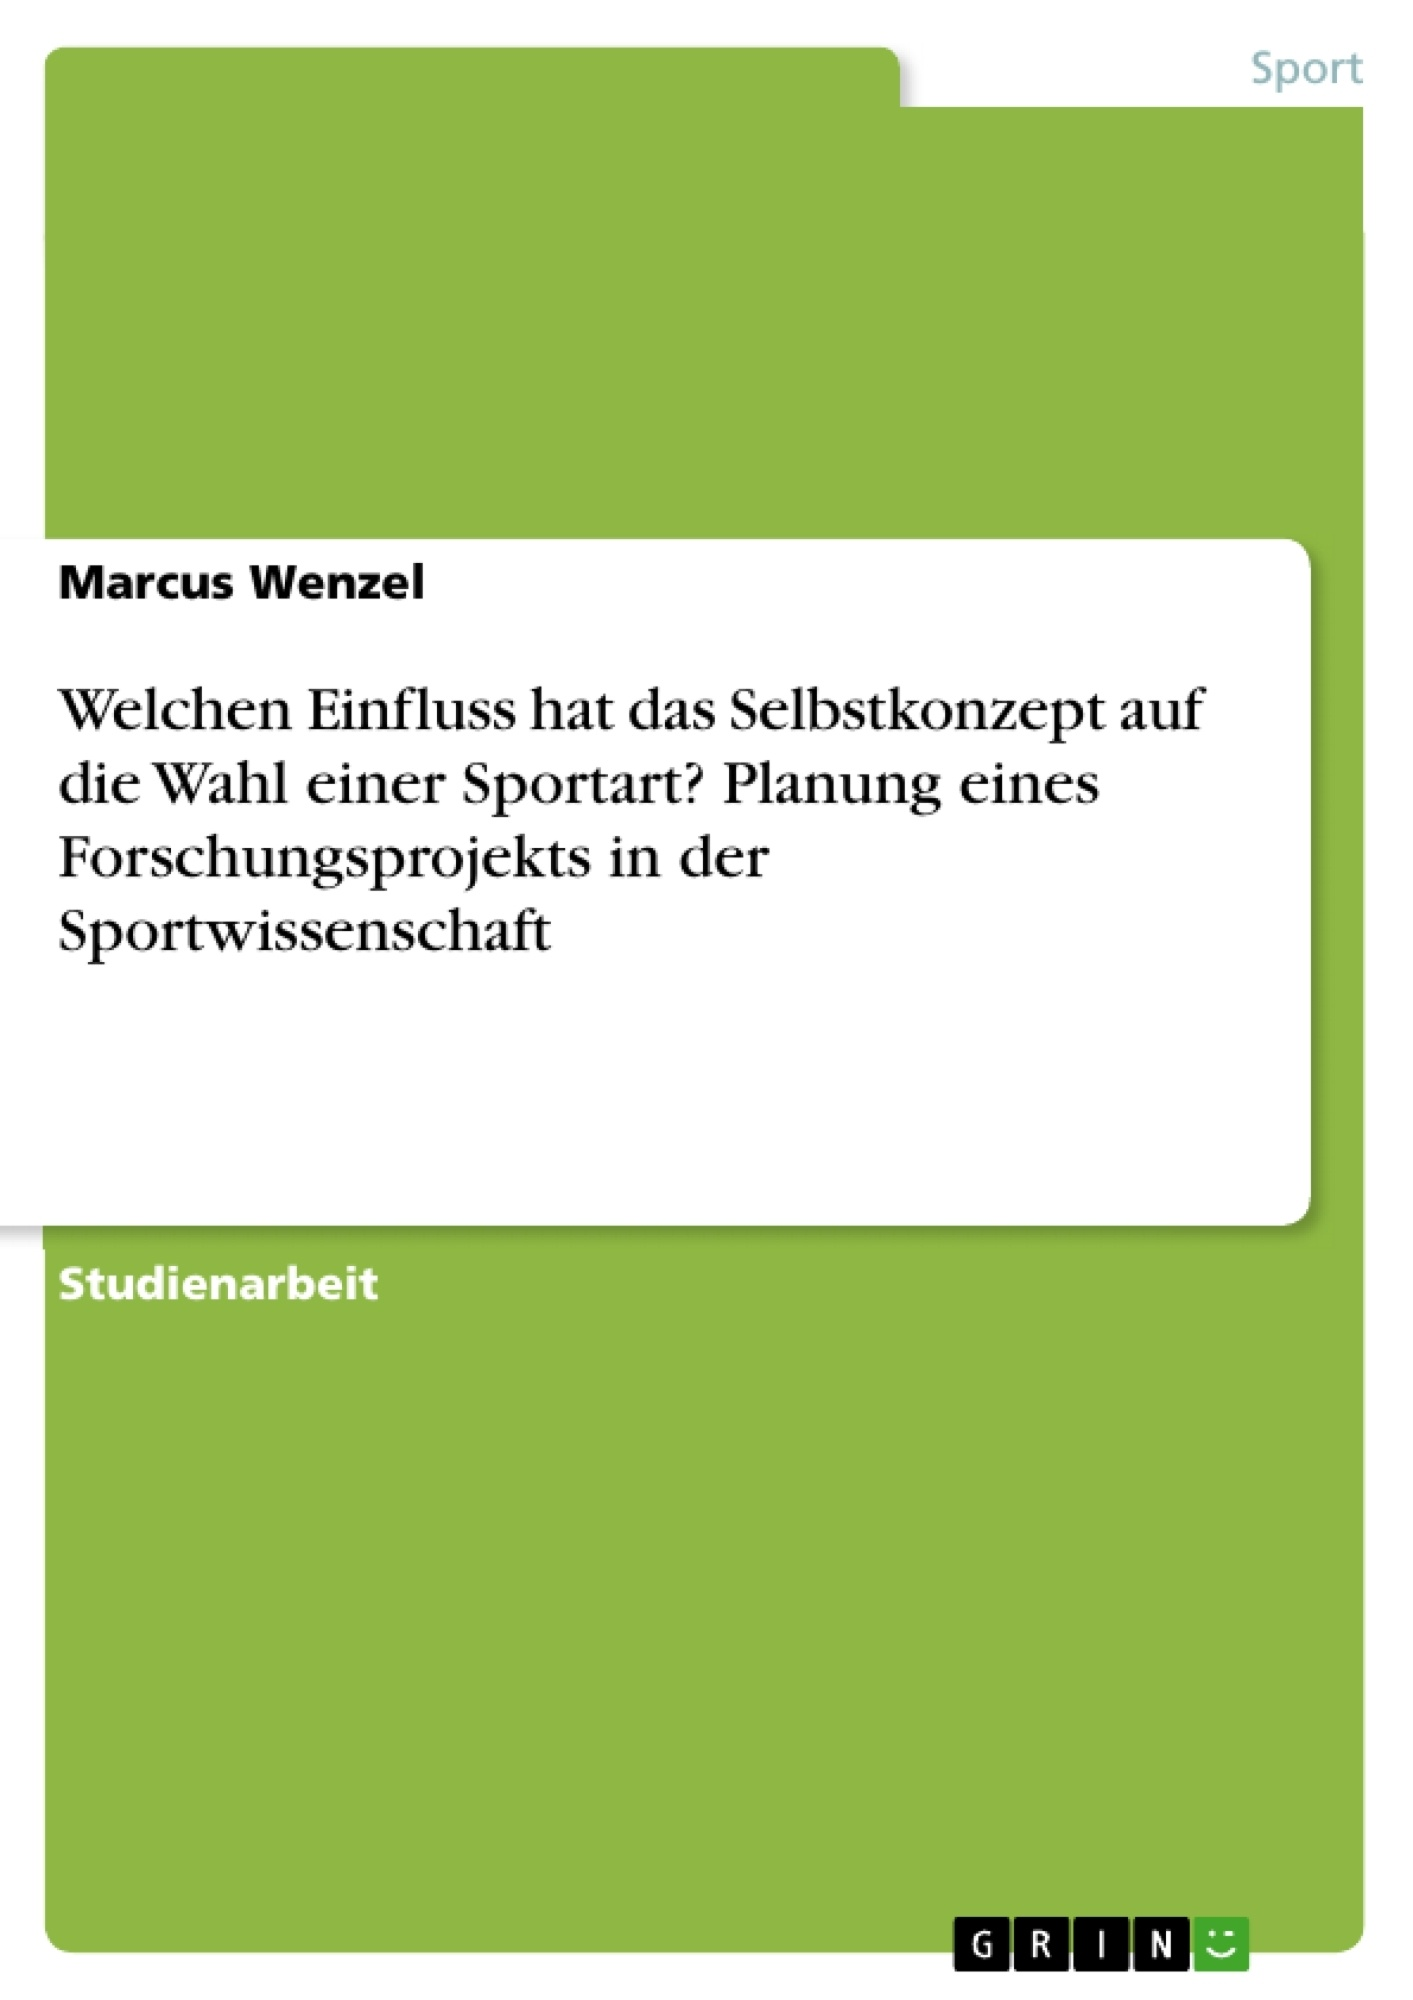 Titel: Welchen Einfluss hat das Selbstkonzept auf die Wahl einer Sportart? Planung eines Forschungsprojekts in der Sportwissenschaft